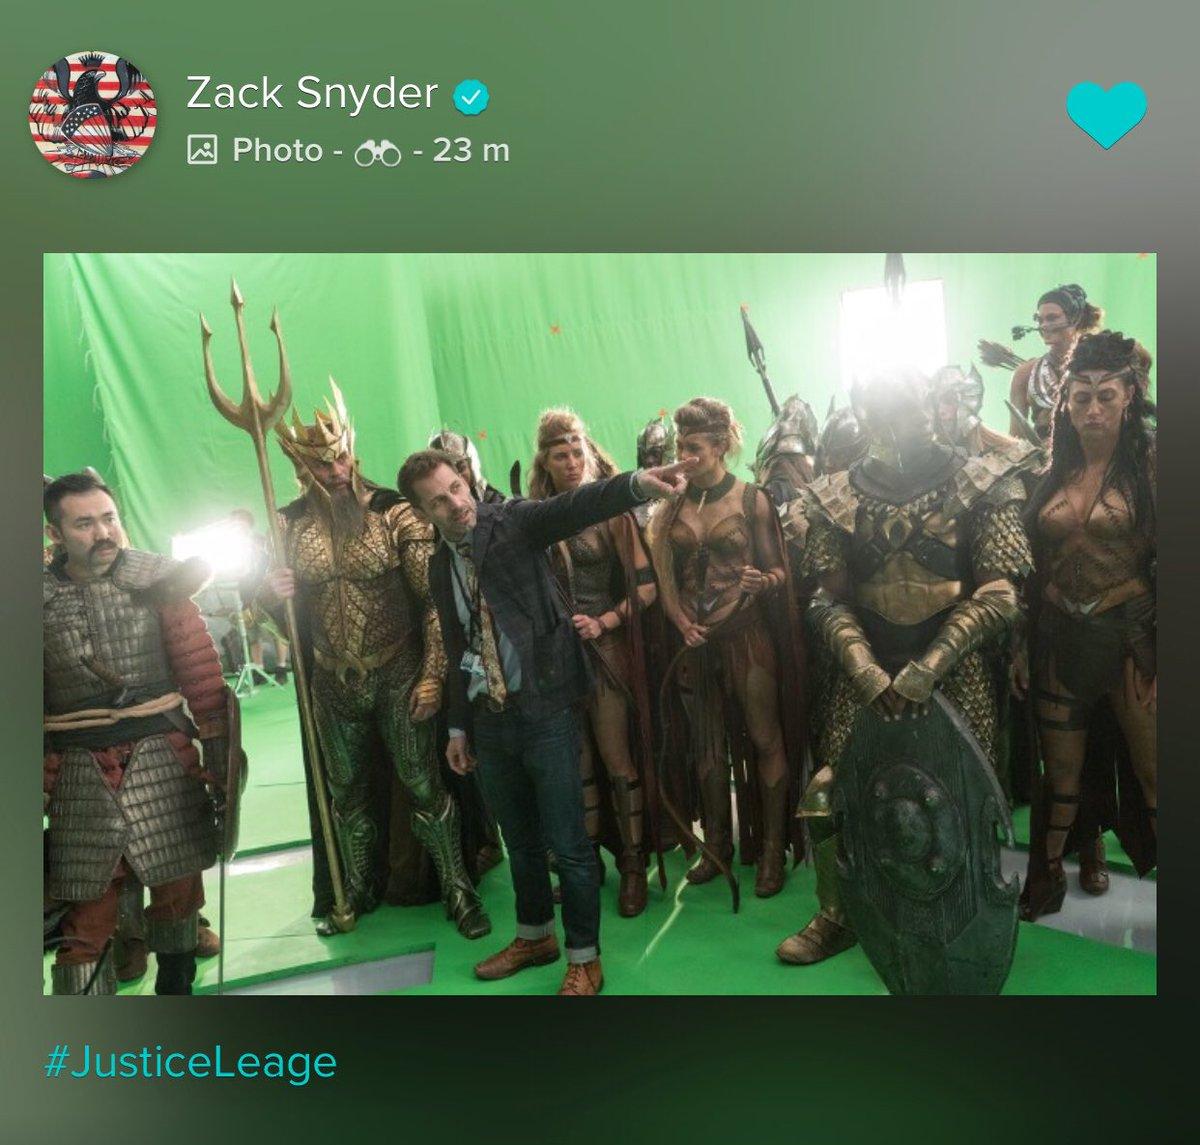 Justice League part 1 de Zack Snyder ( 2017) Finalement ça va se faire ! (avec Josh Whedon aussi!) - Page 38 DMgPTObVQAAaQmu